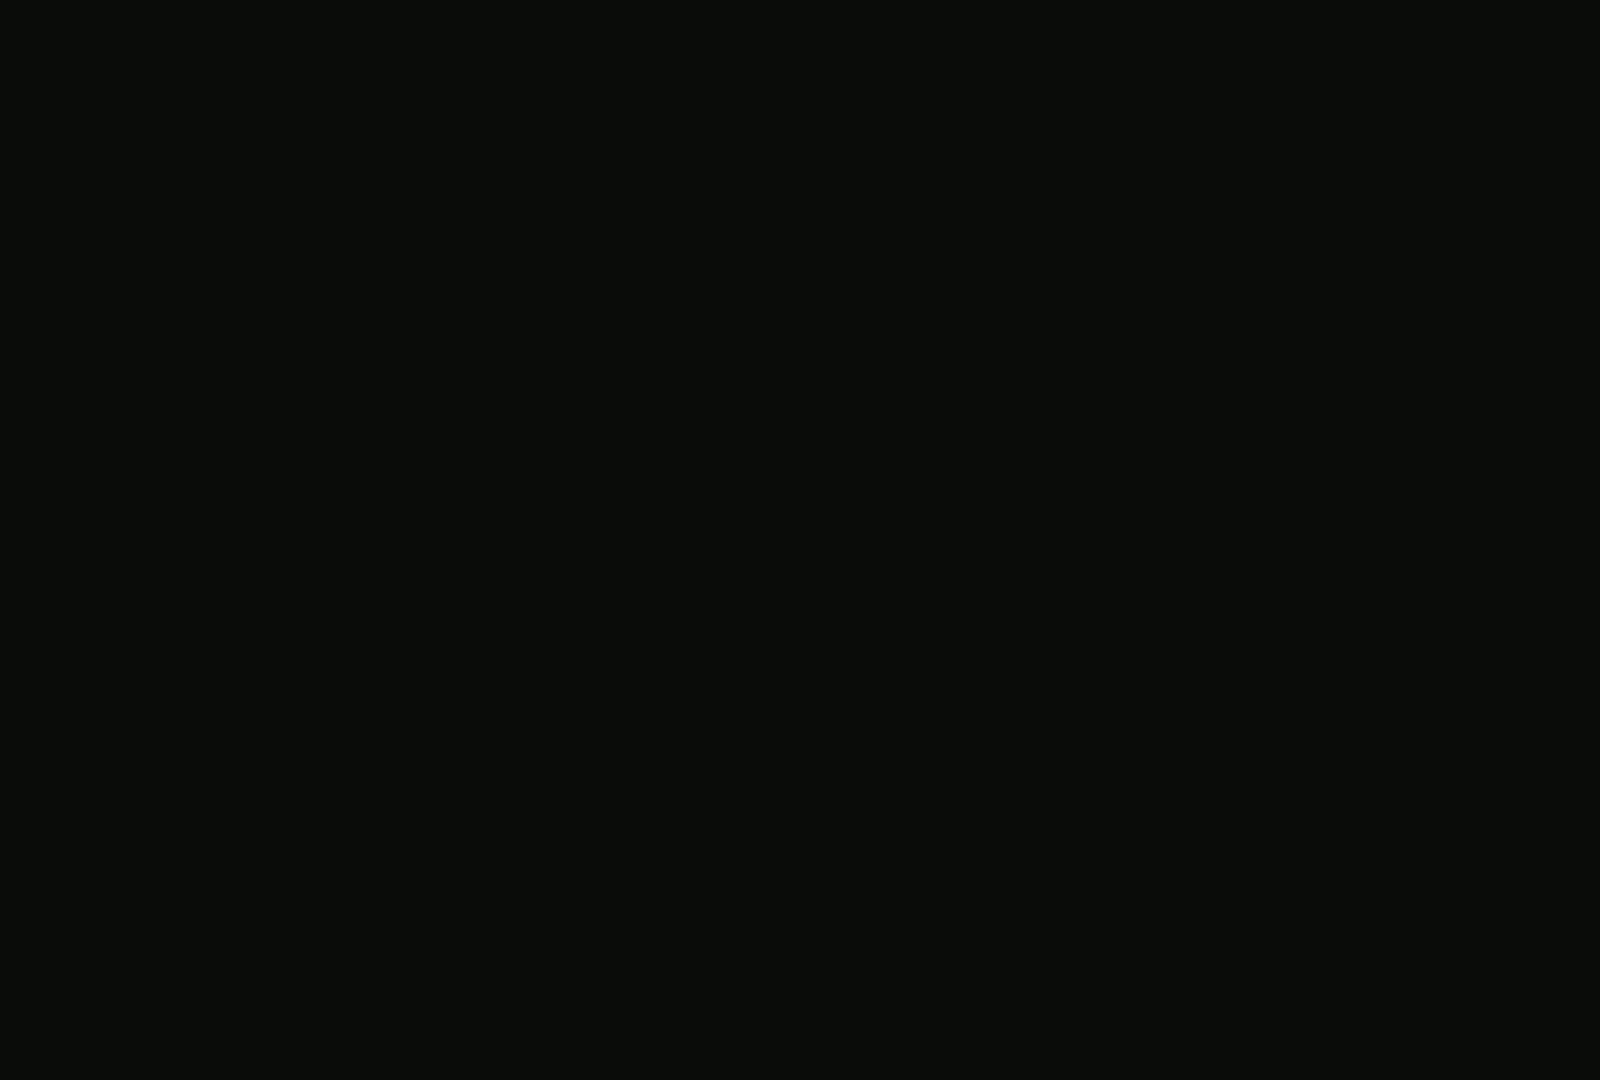 充血監督の深夜の運動会Vol.80 セックス  107枚 38